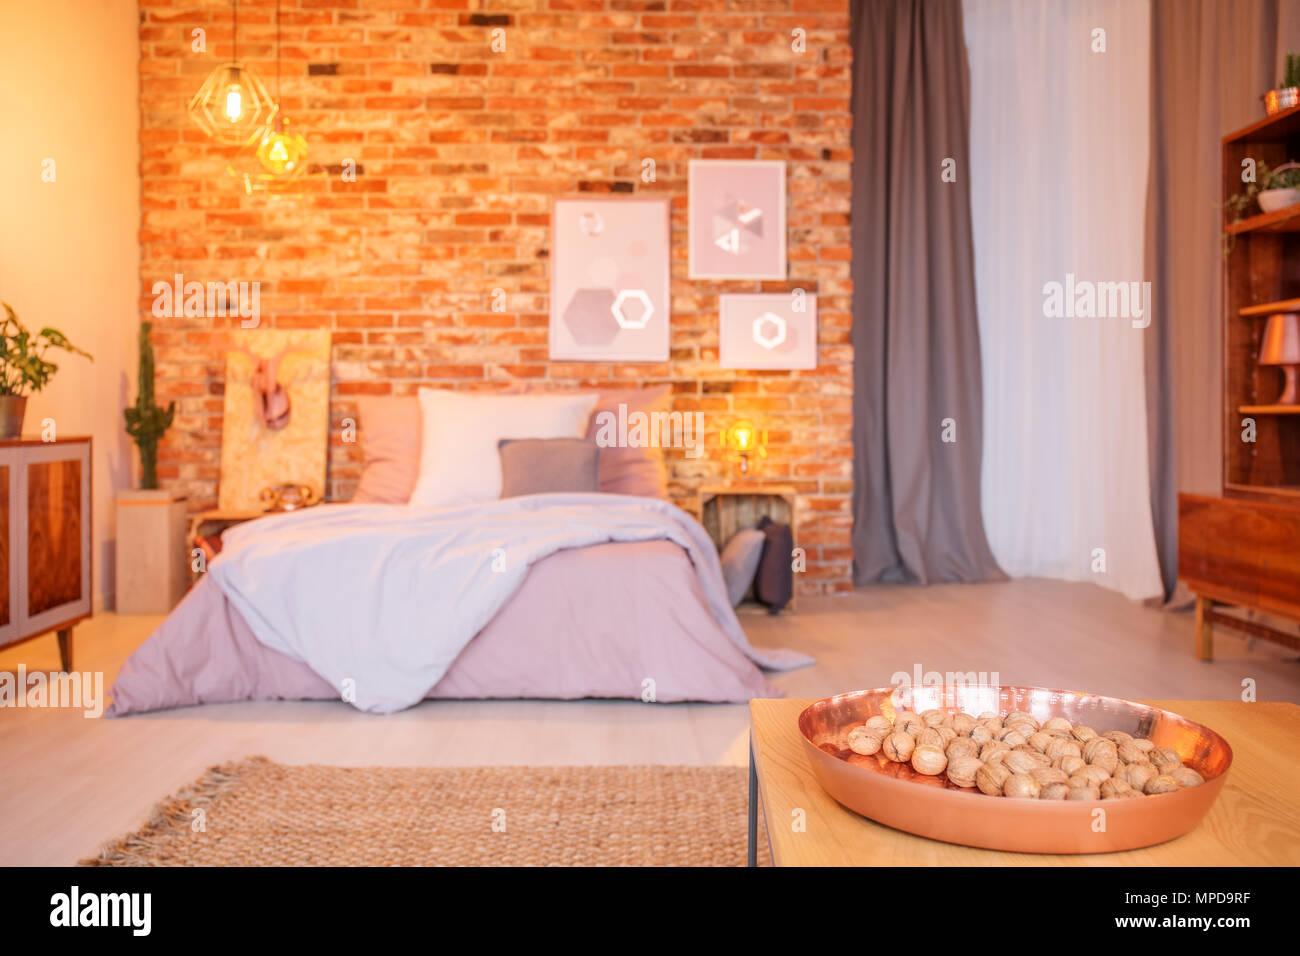 Camera da letto con mobili in legno letto matrimoniale e finestra